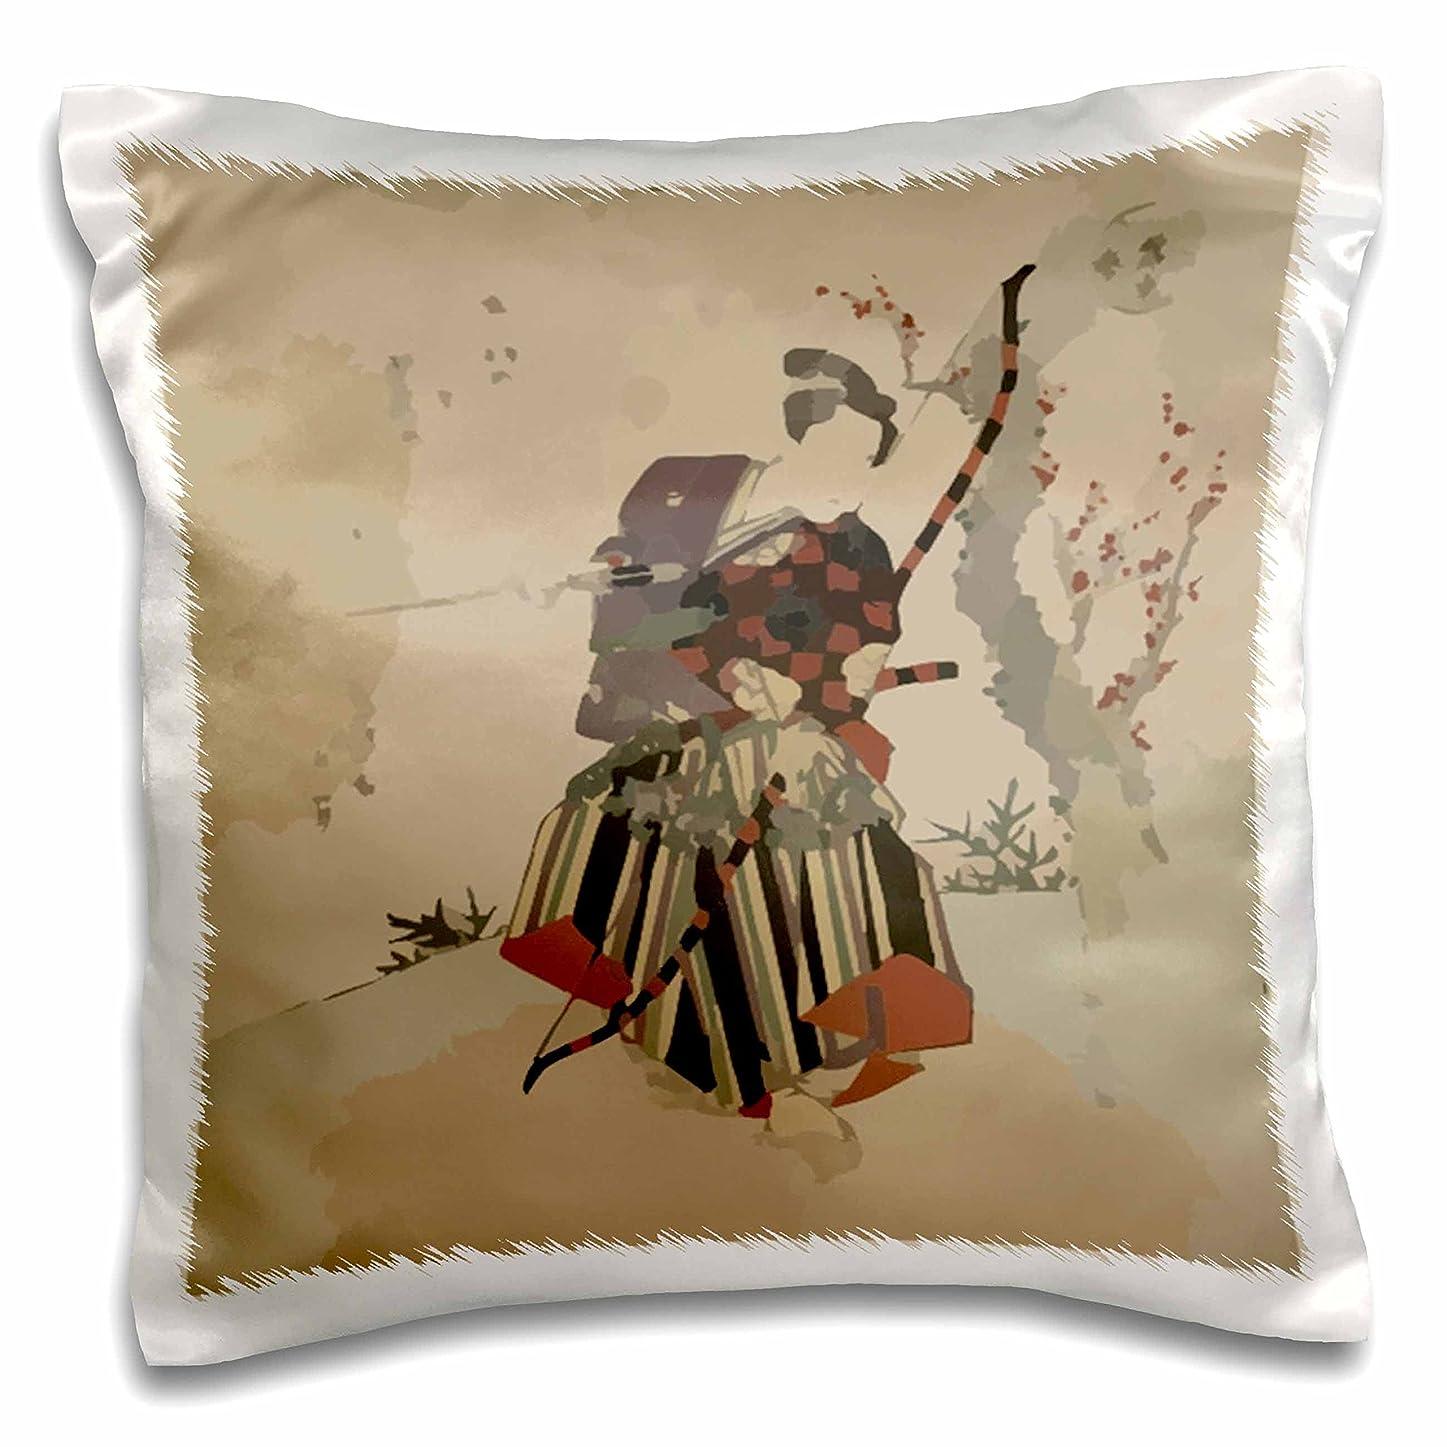 エッセンスあそこやさしい3dローズFlorene Hokusai Japanese Art?–?イメージのHokusai Woodcut Warrior With Bow And Arrow?–?枕ケース 16